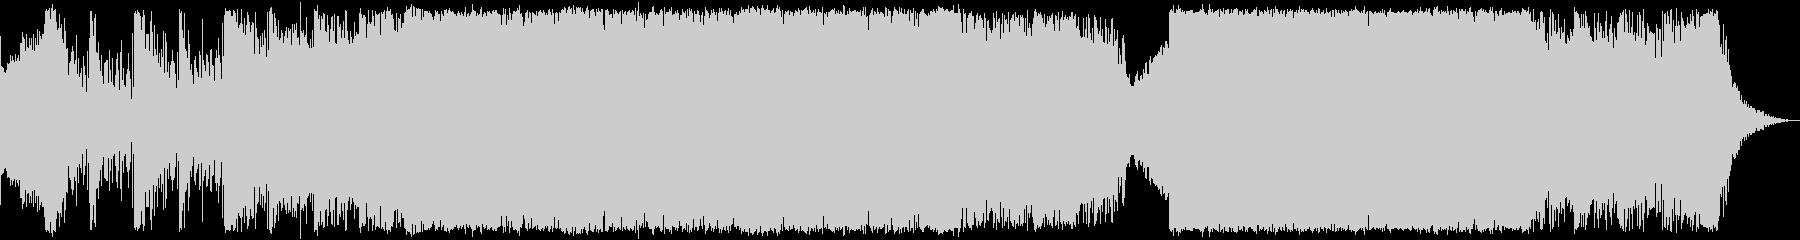 緊迫感/エピック/テクスチャーの未再生の波形